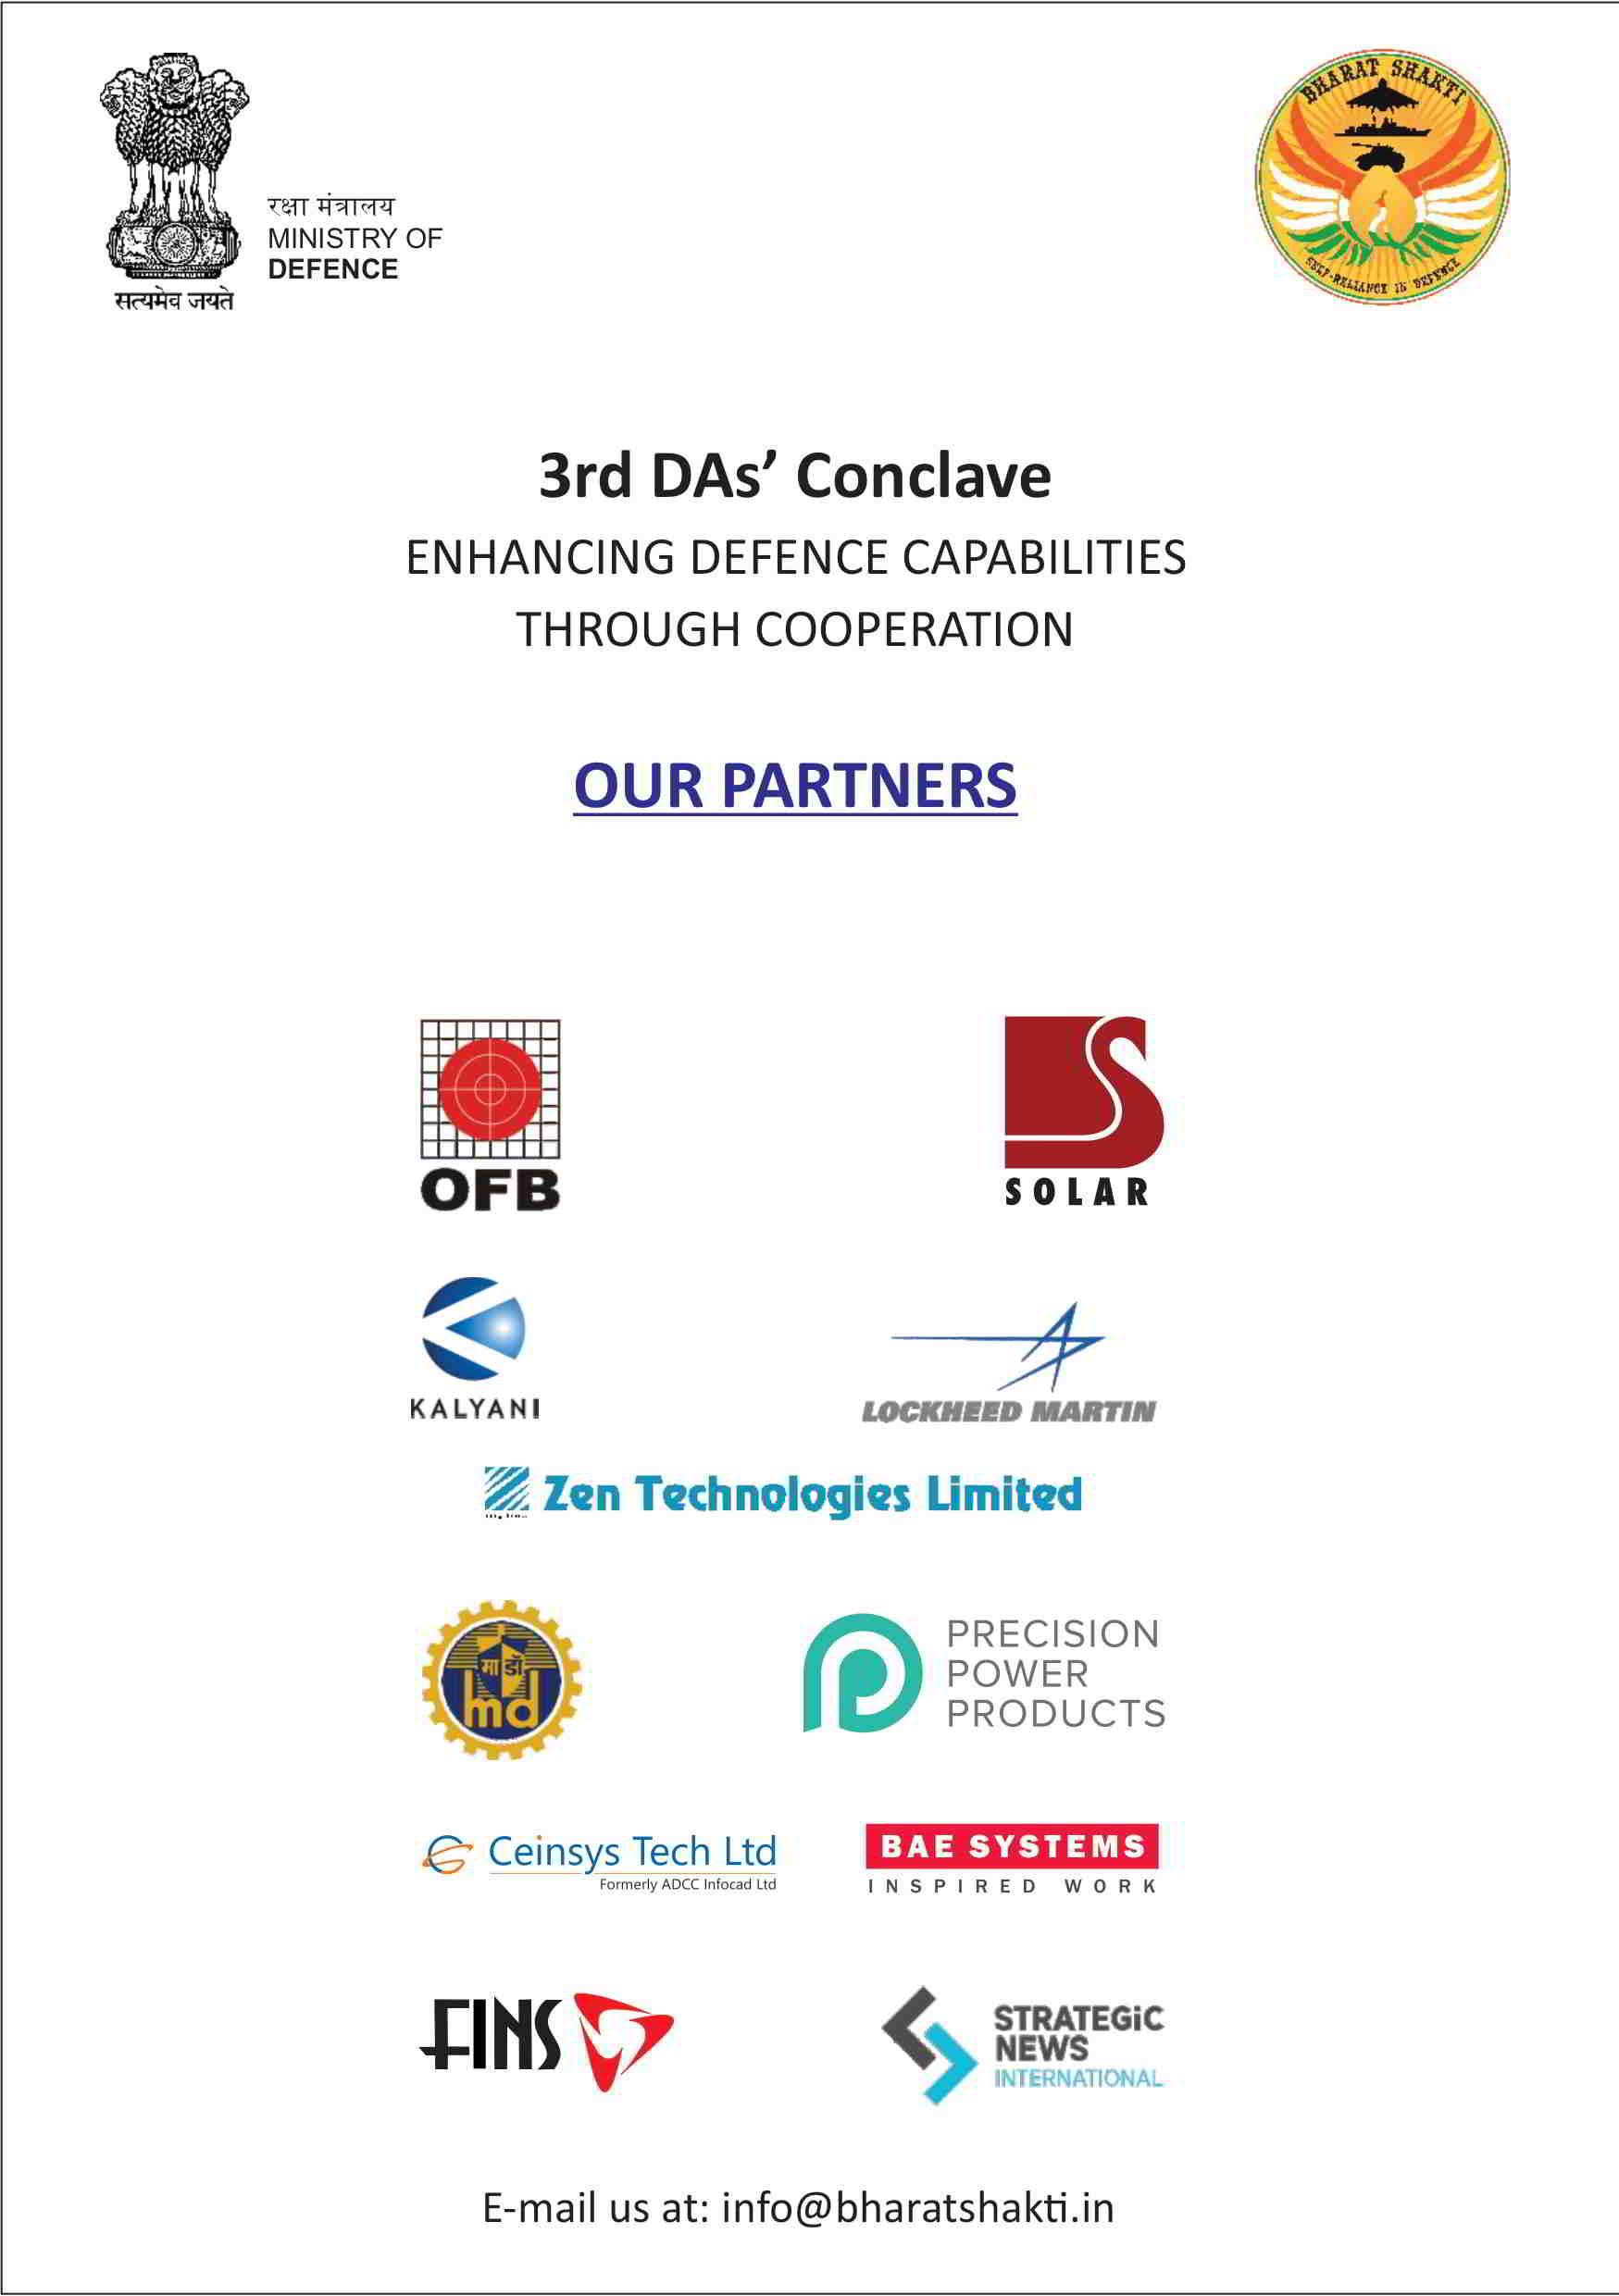 3rd DA's Conclave